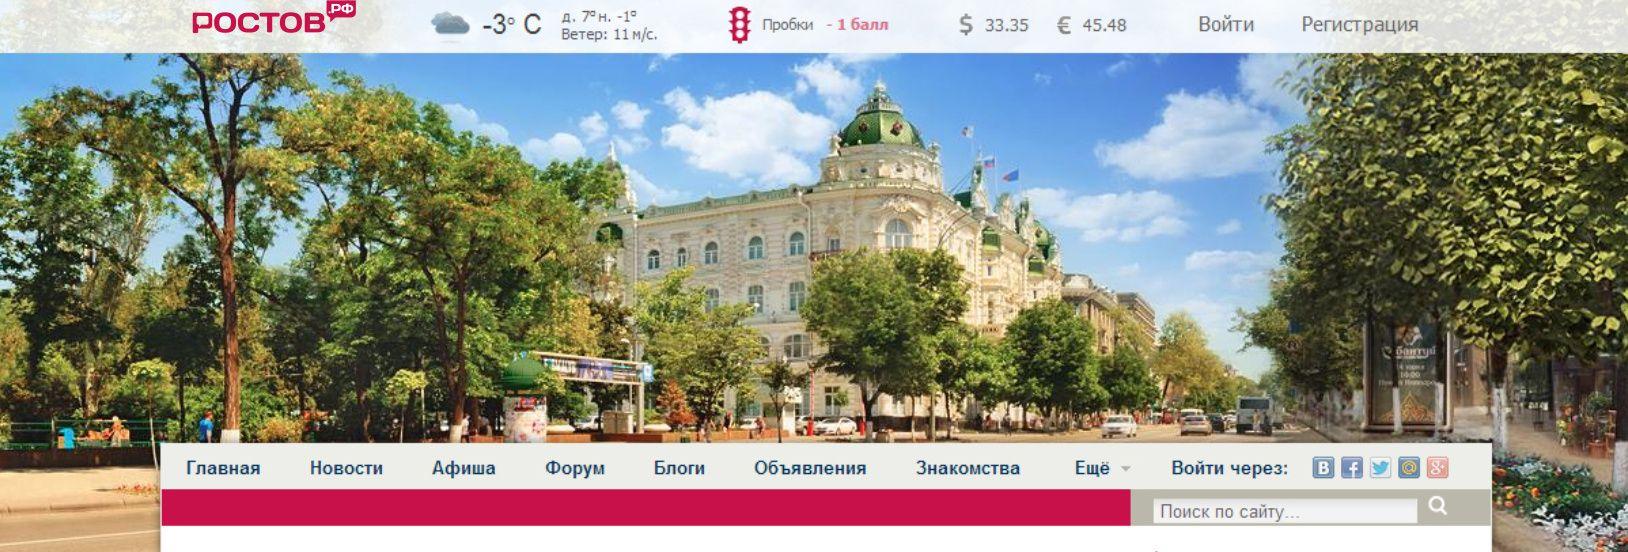 Логотип для портала Ростов.рф - дизайнер lystcov